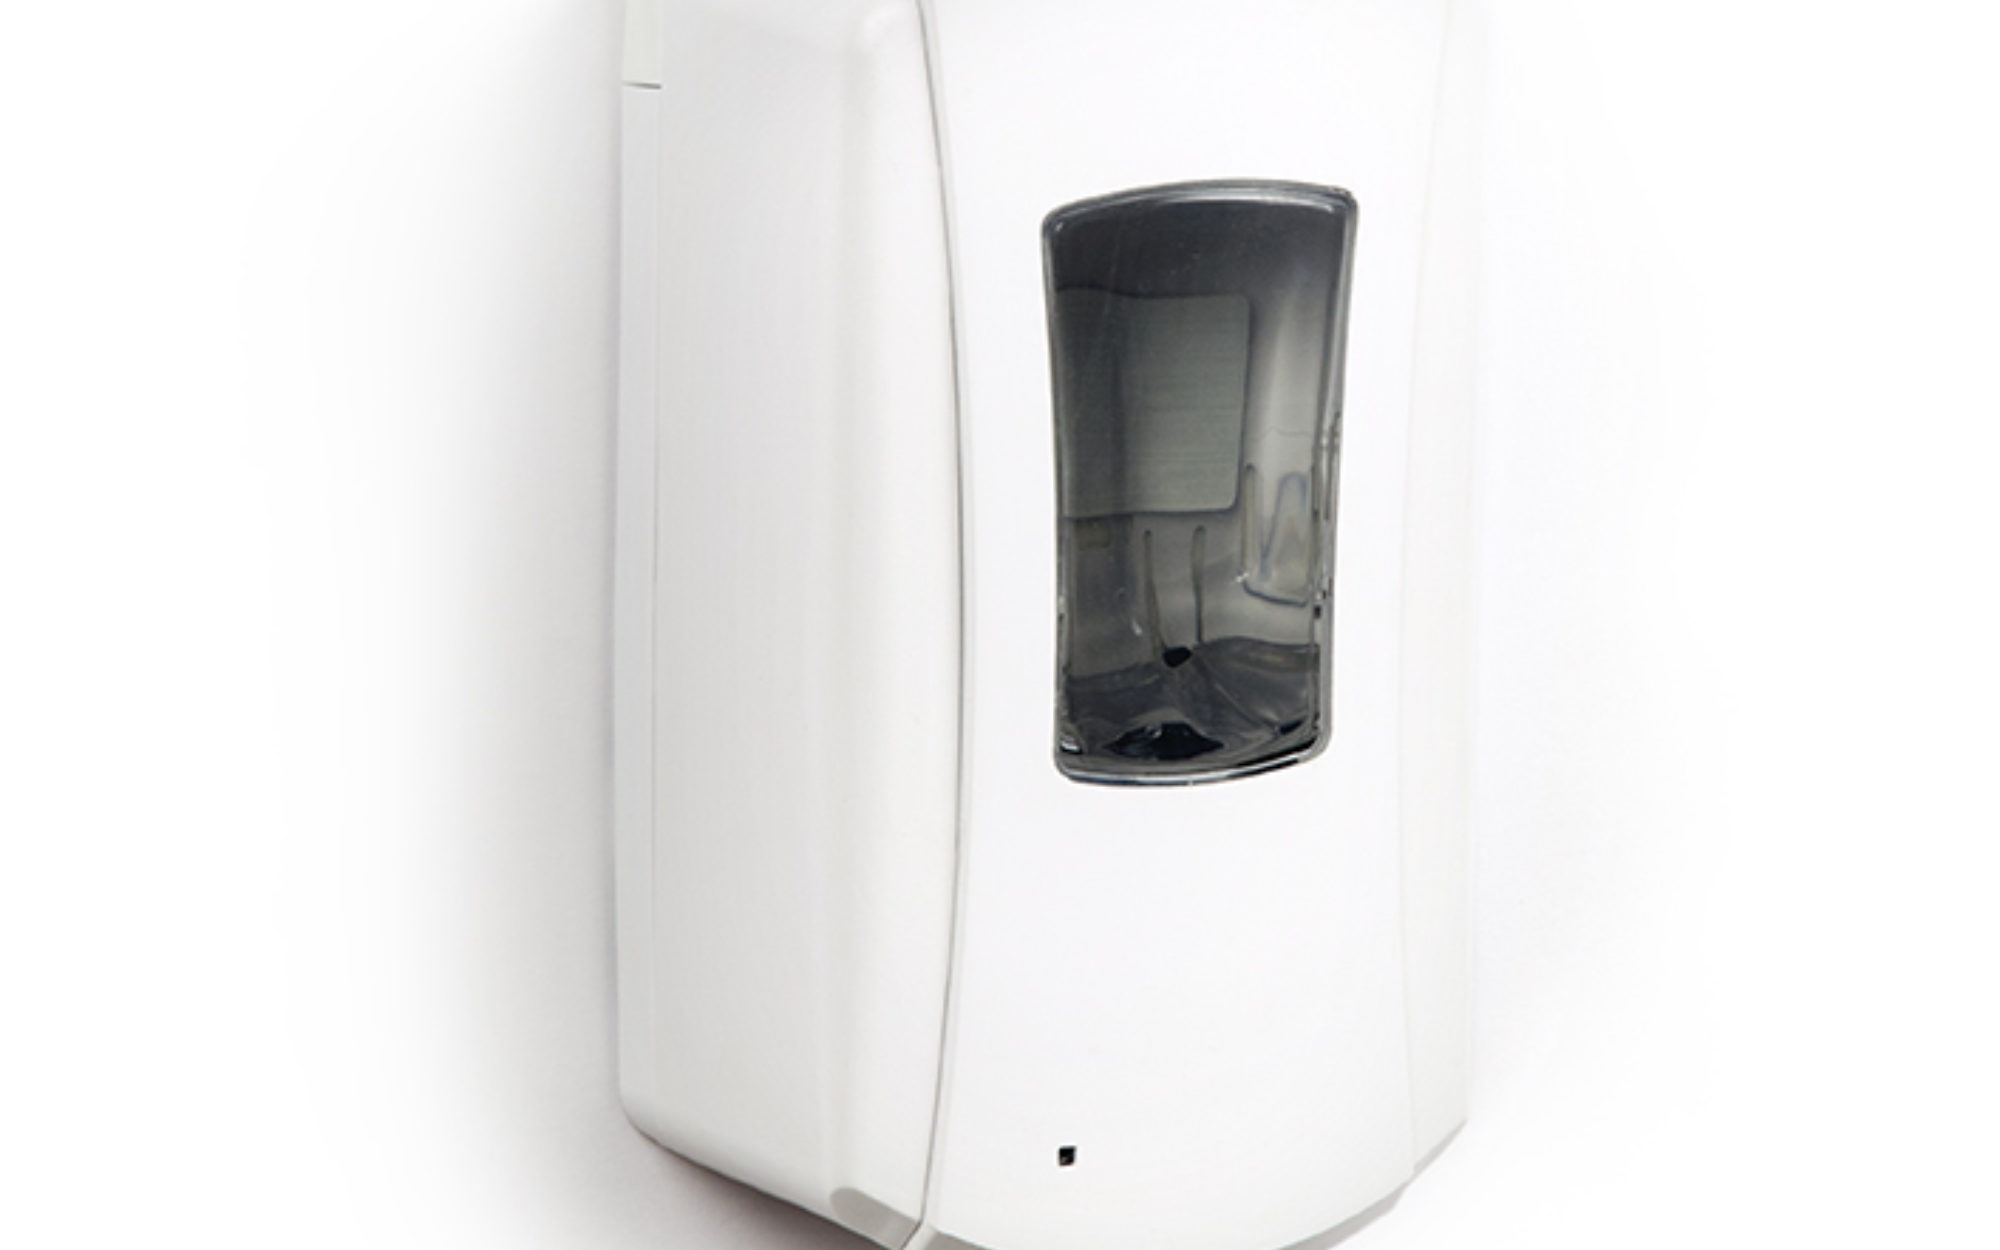 Hand sanitizer dispenser on white wall